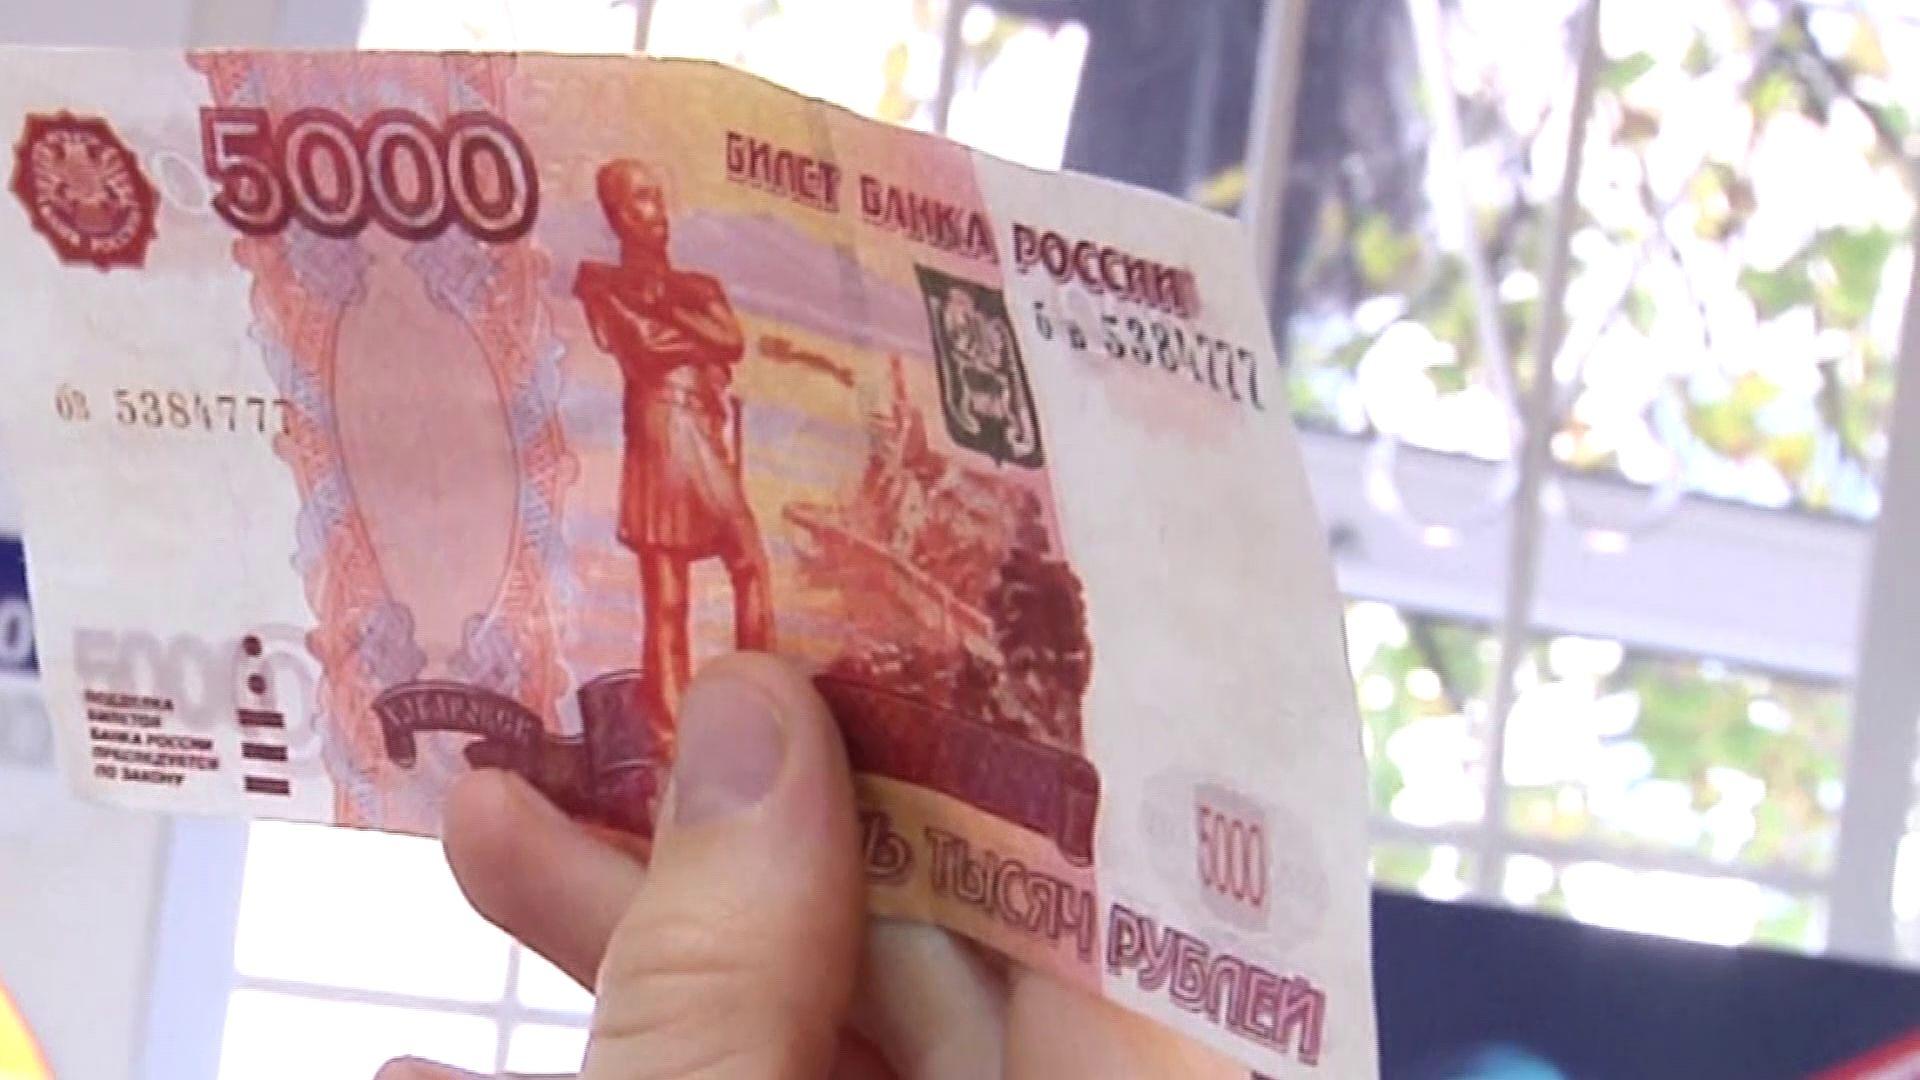 Житель Ростова может сесть в тюрьму за подделку денег